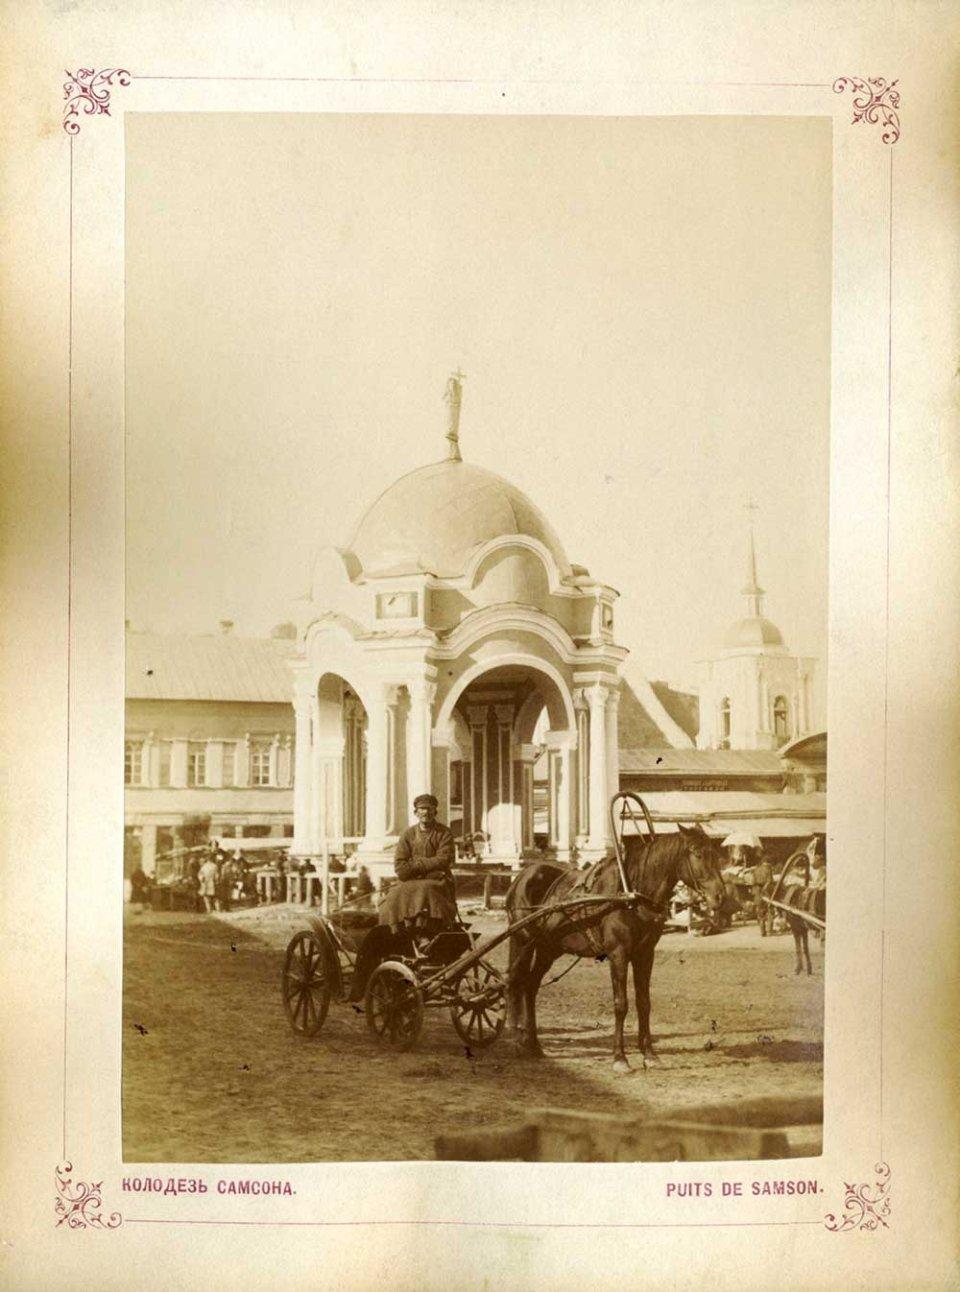 Фонтан «Самсон» розібрали в 1934 році за наказом радянського керівництва, але в 1982 році відновили напередодні святкування 1500-ліття Києва